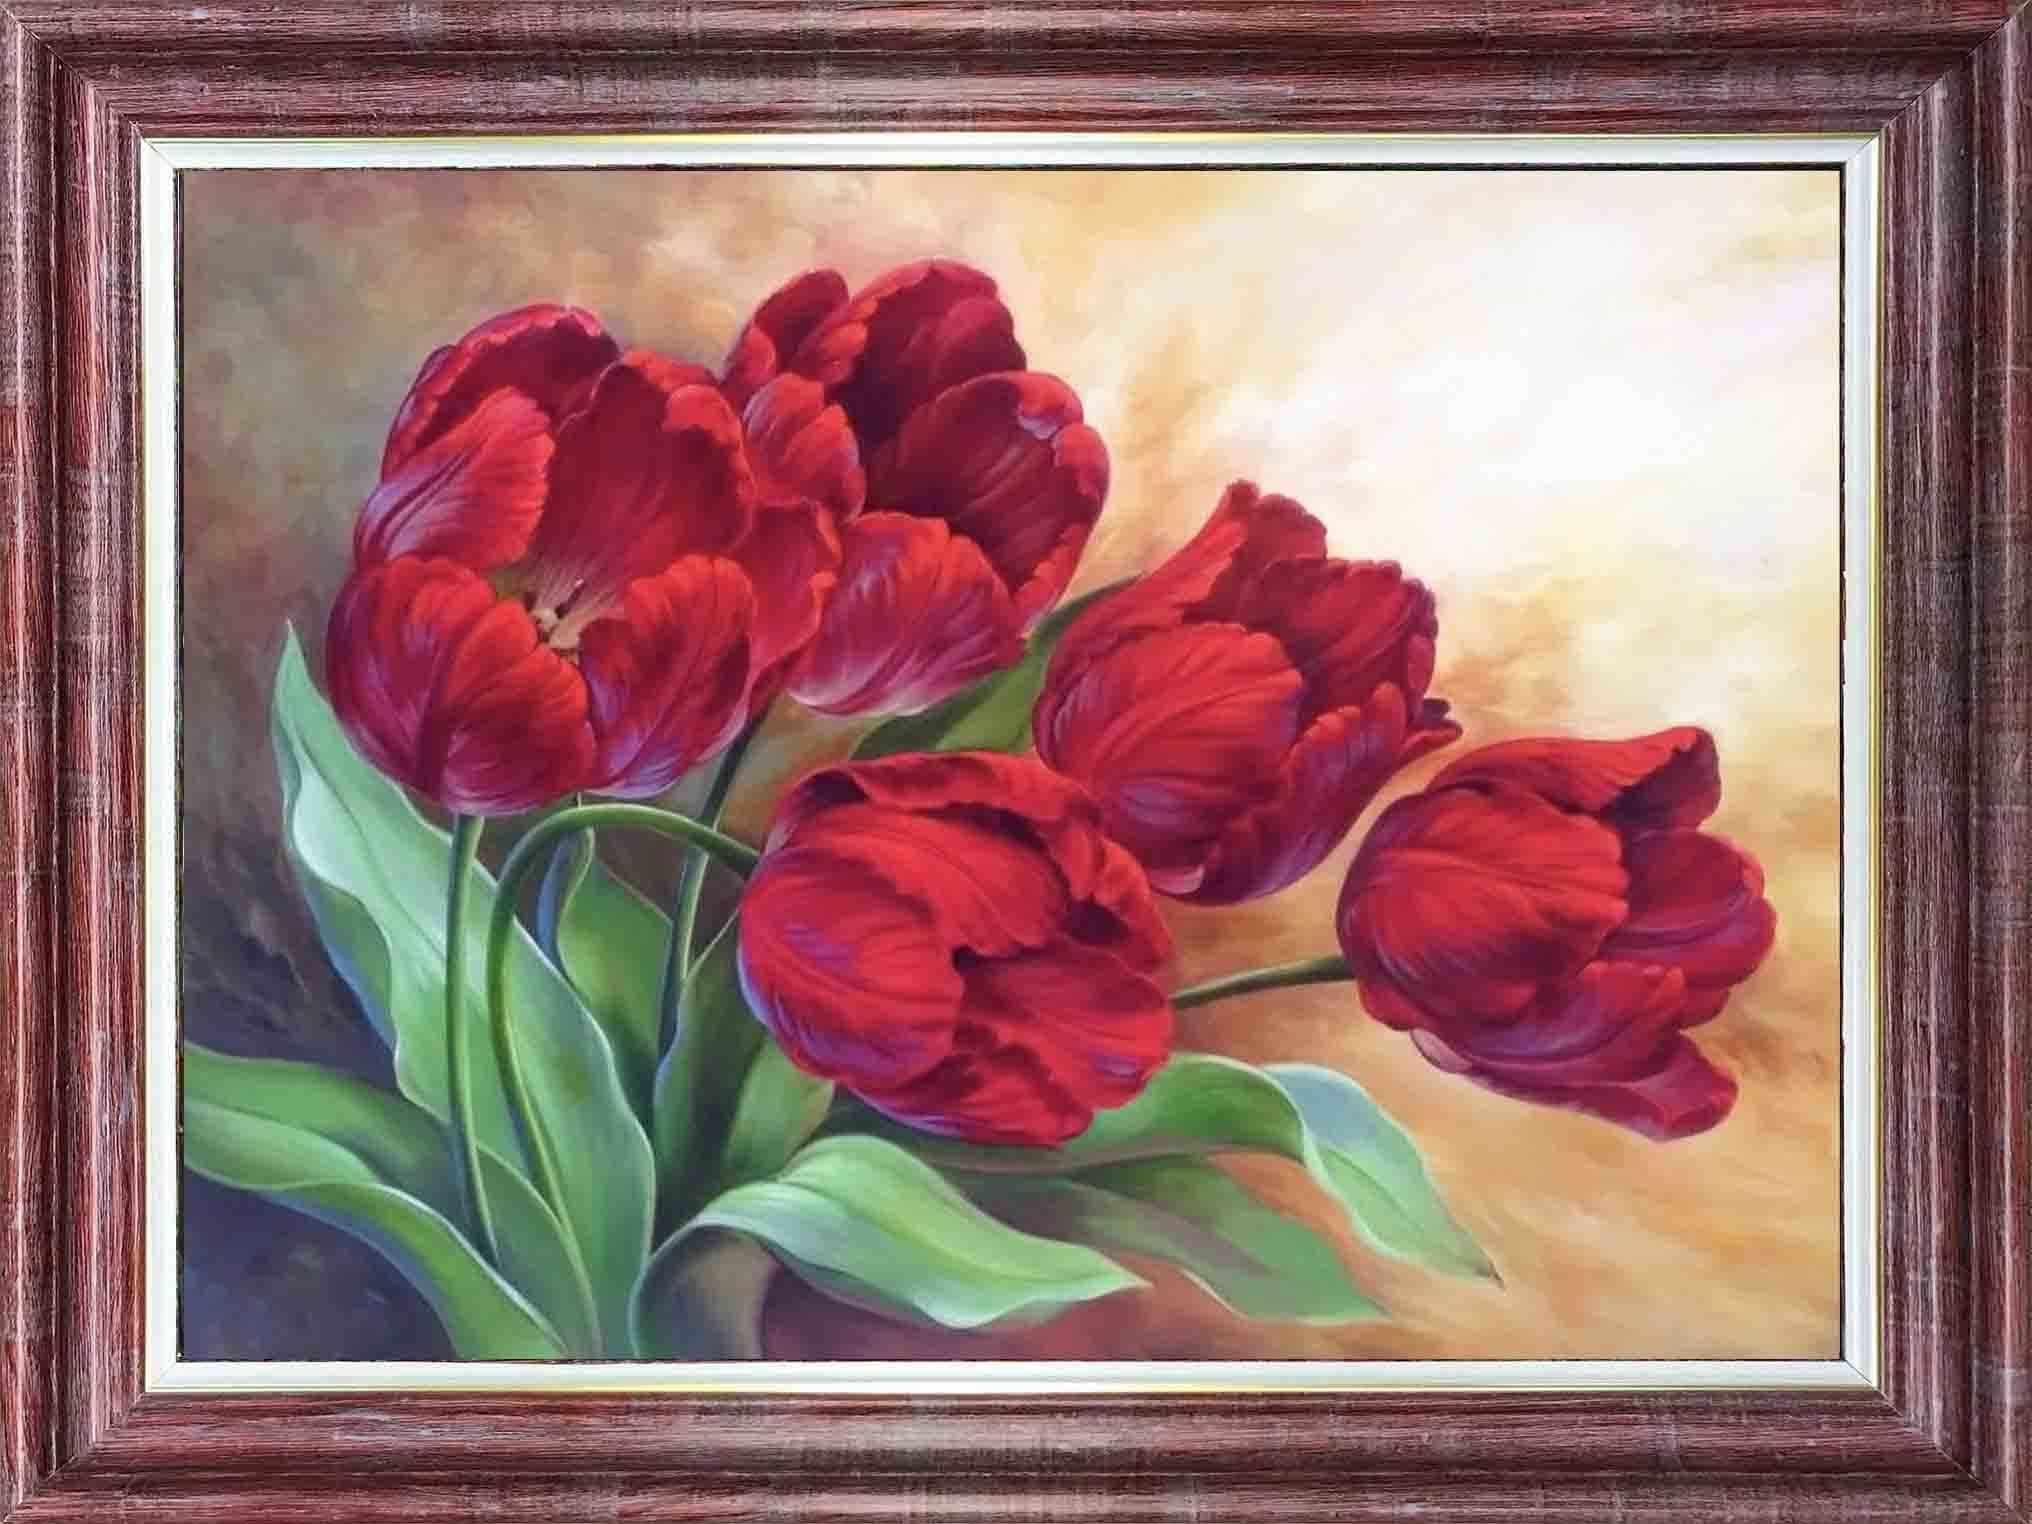 КЛ 3042 Тюльпаны - схема для вышивания (Каролинка)